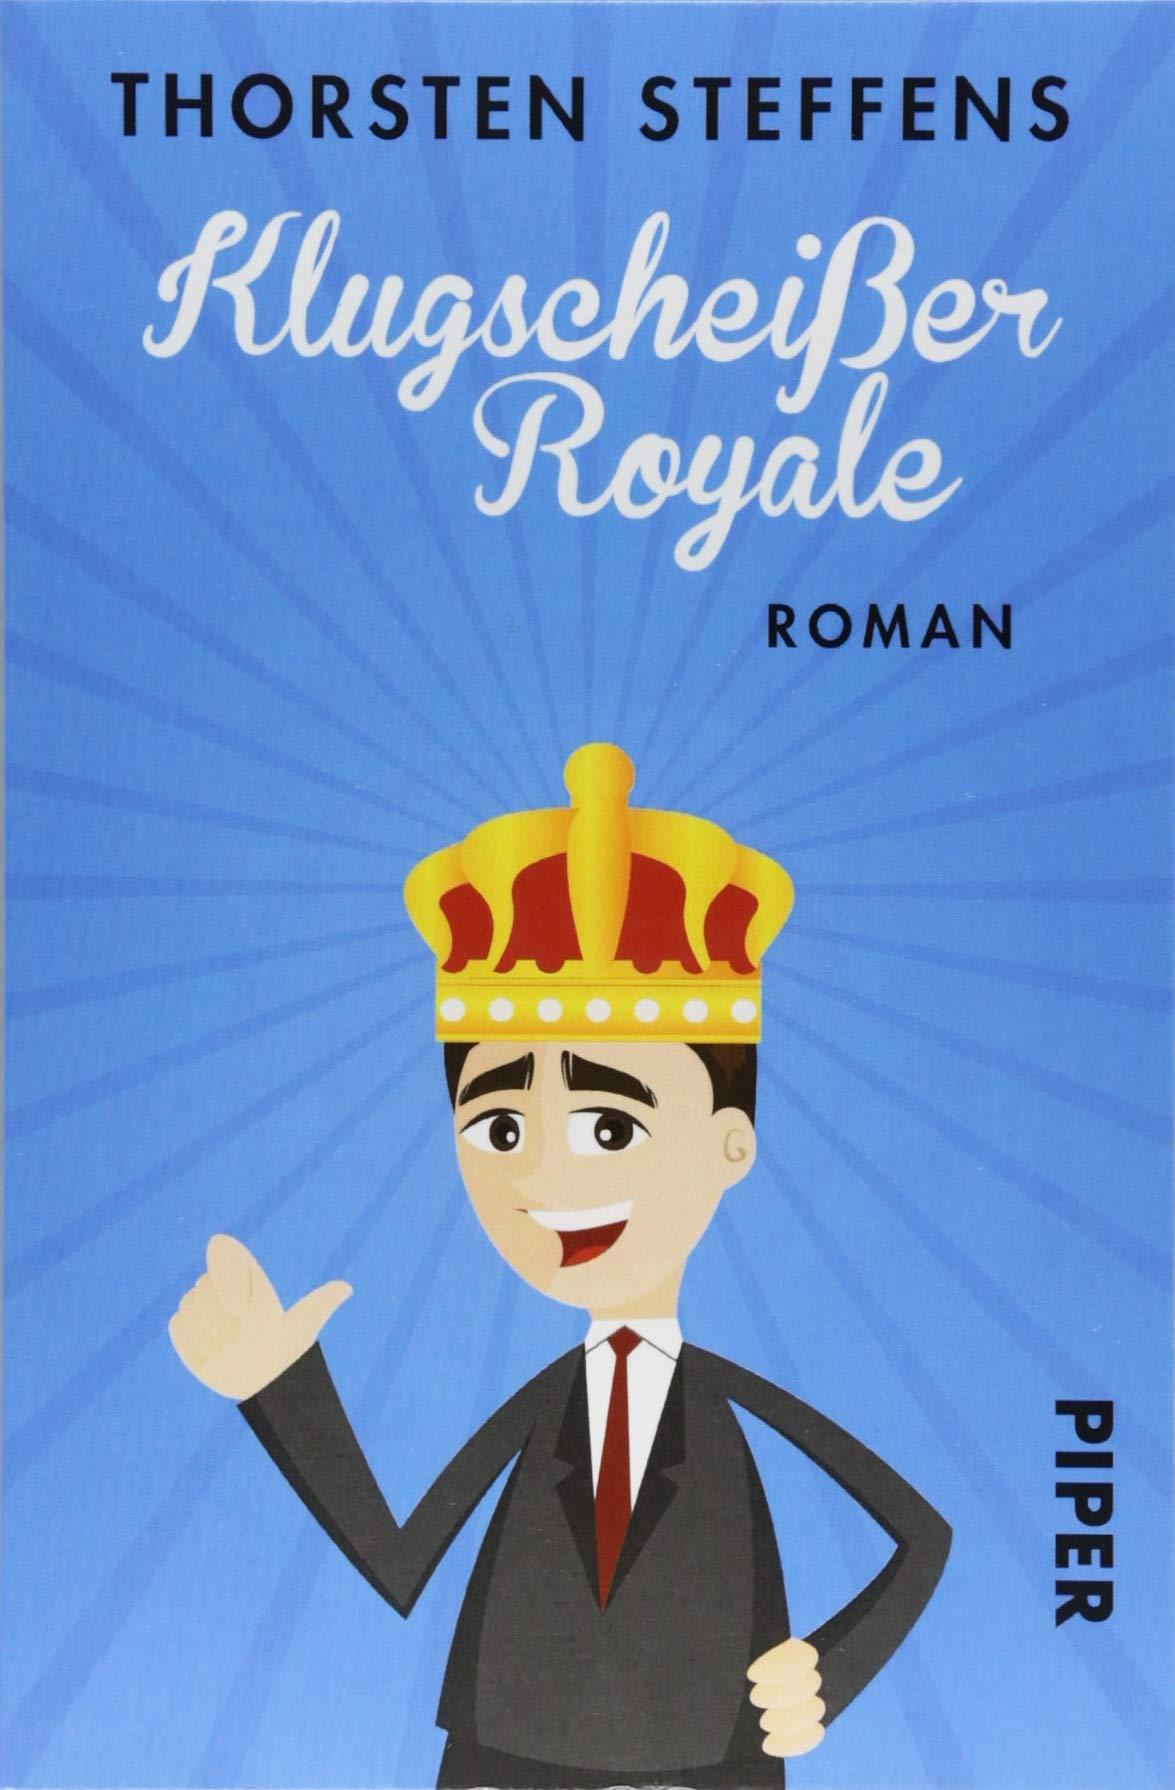 klugscheisser royale